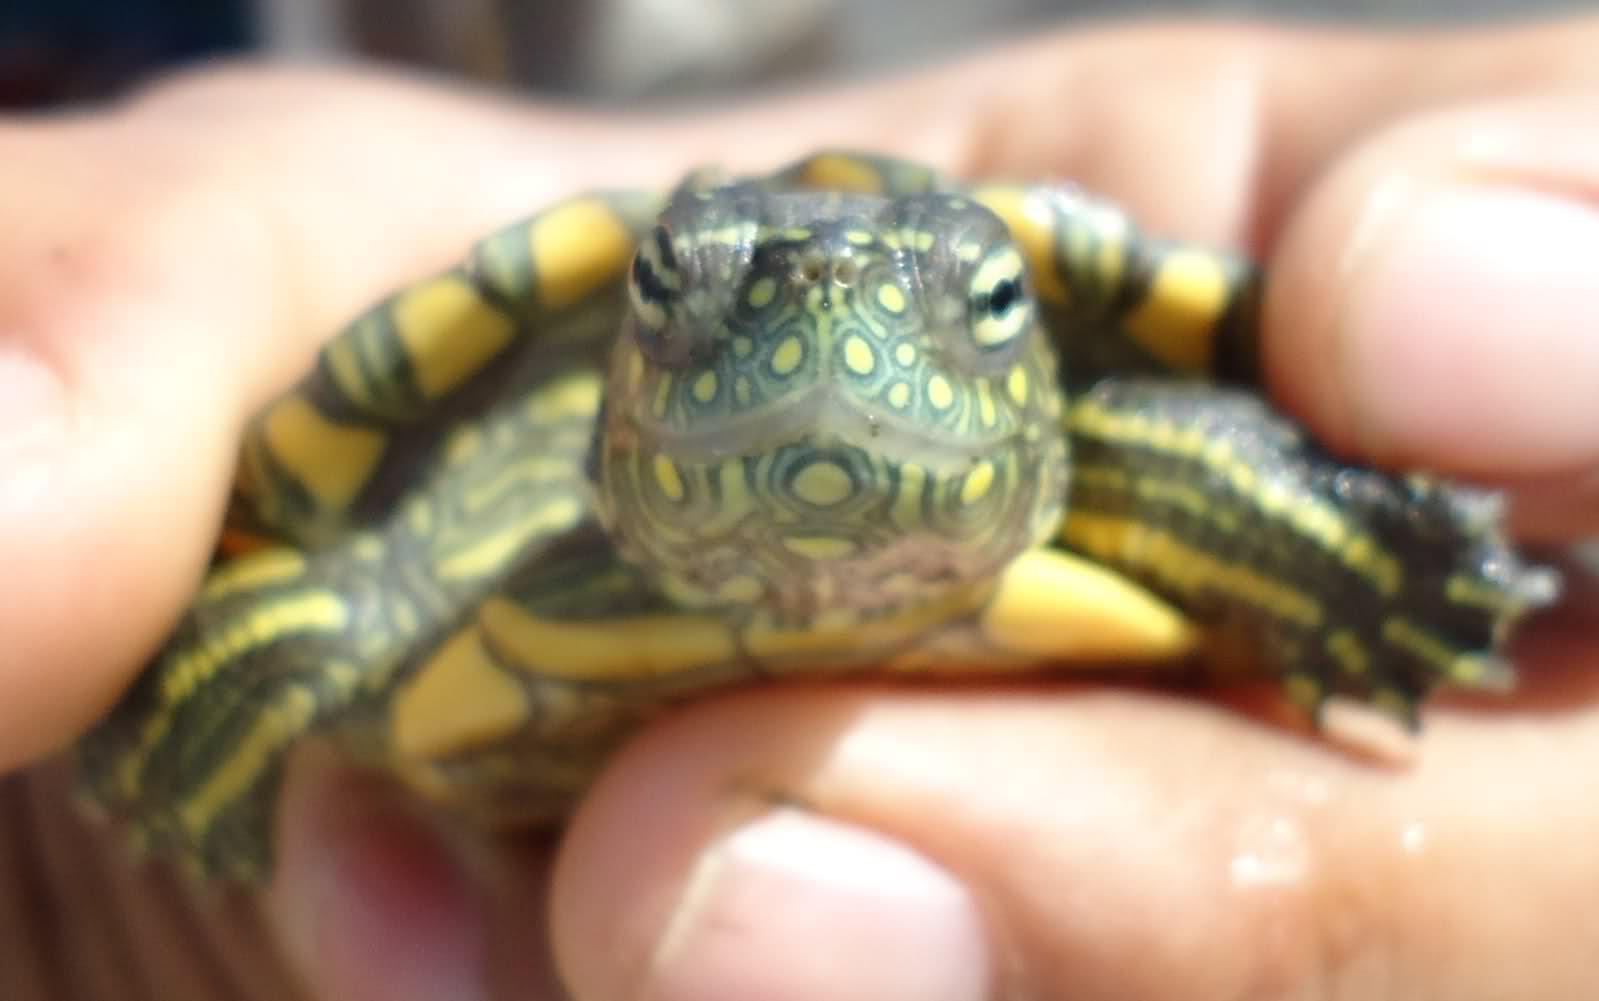 ¿Qué tortuga es? 2luvol5